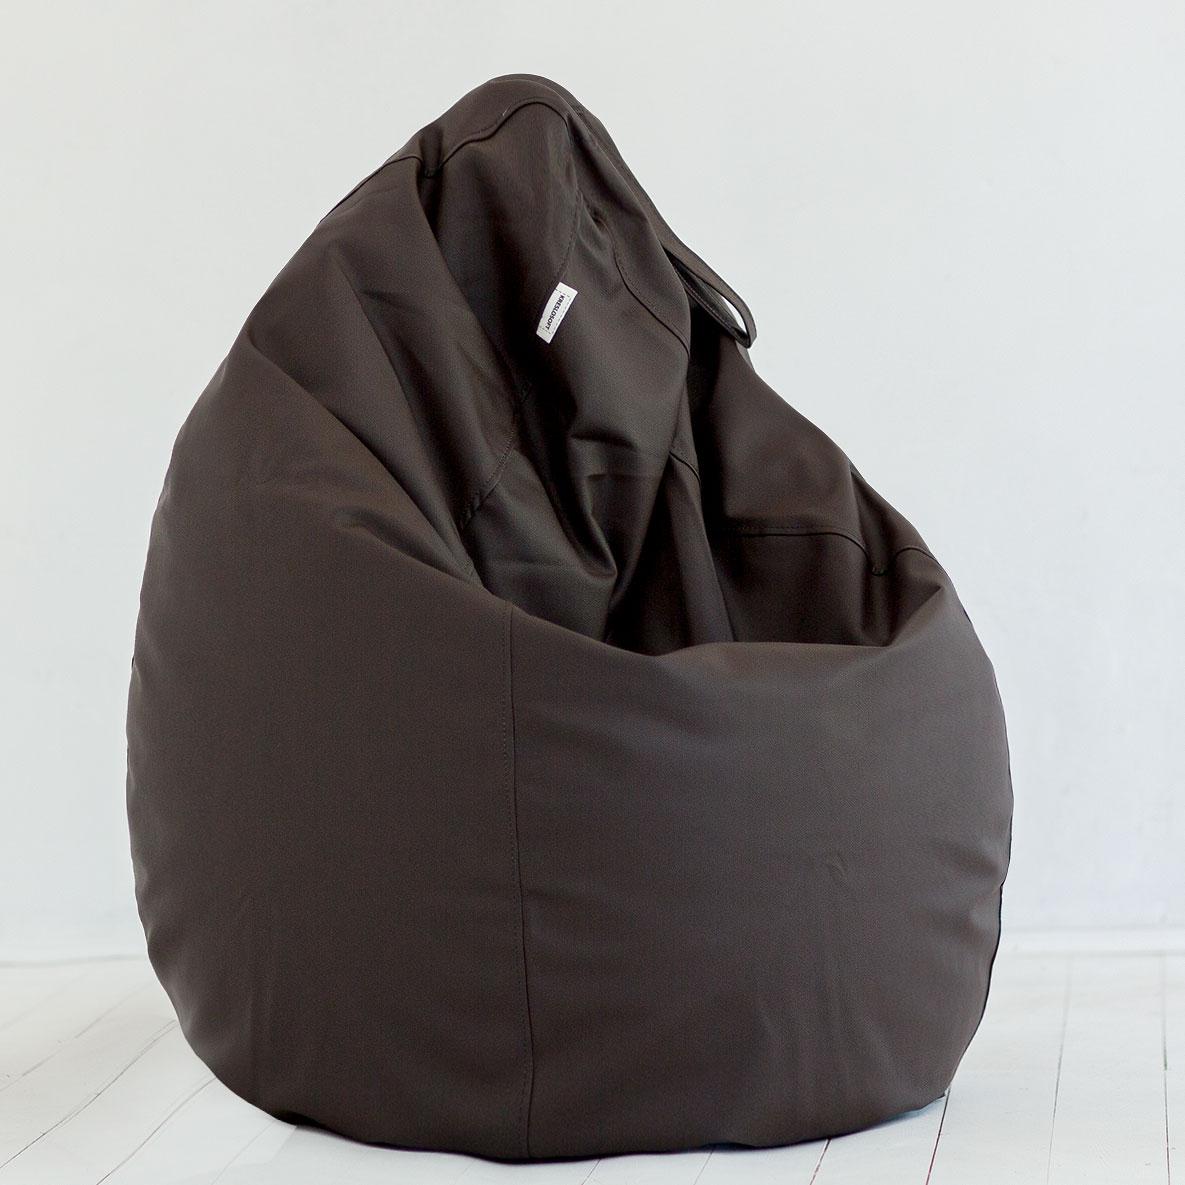 Кресло-мешок Груша Экокожа Шоколад